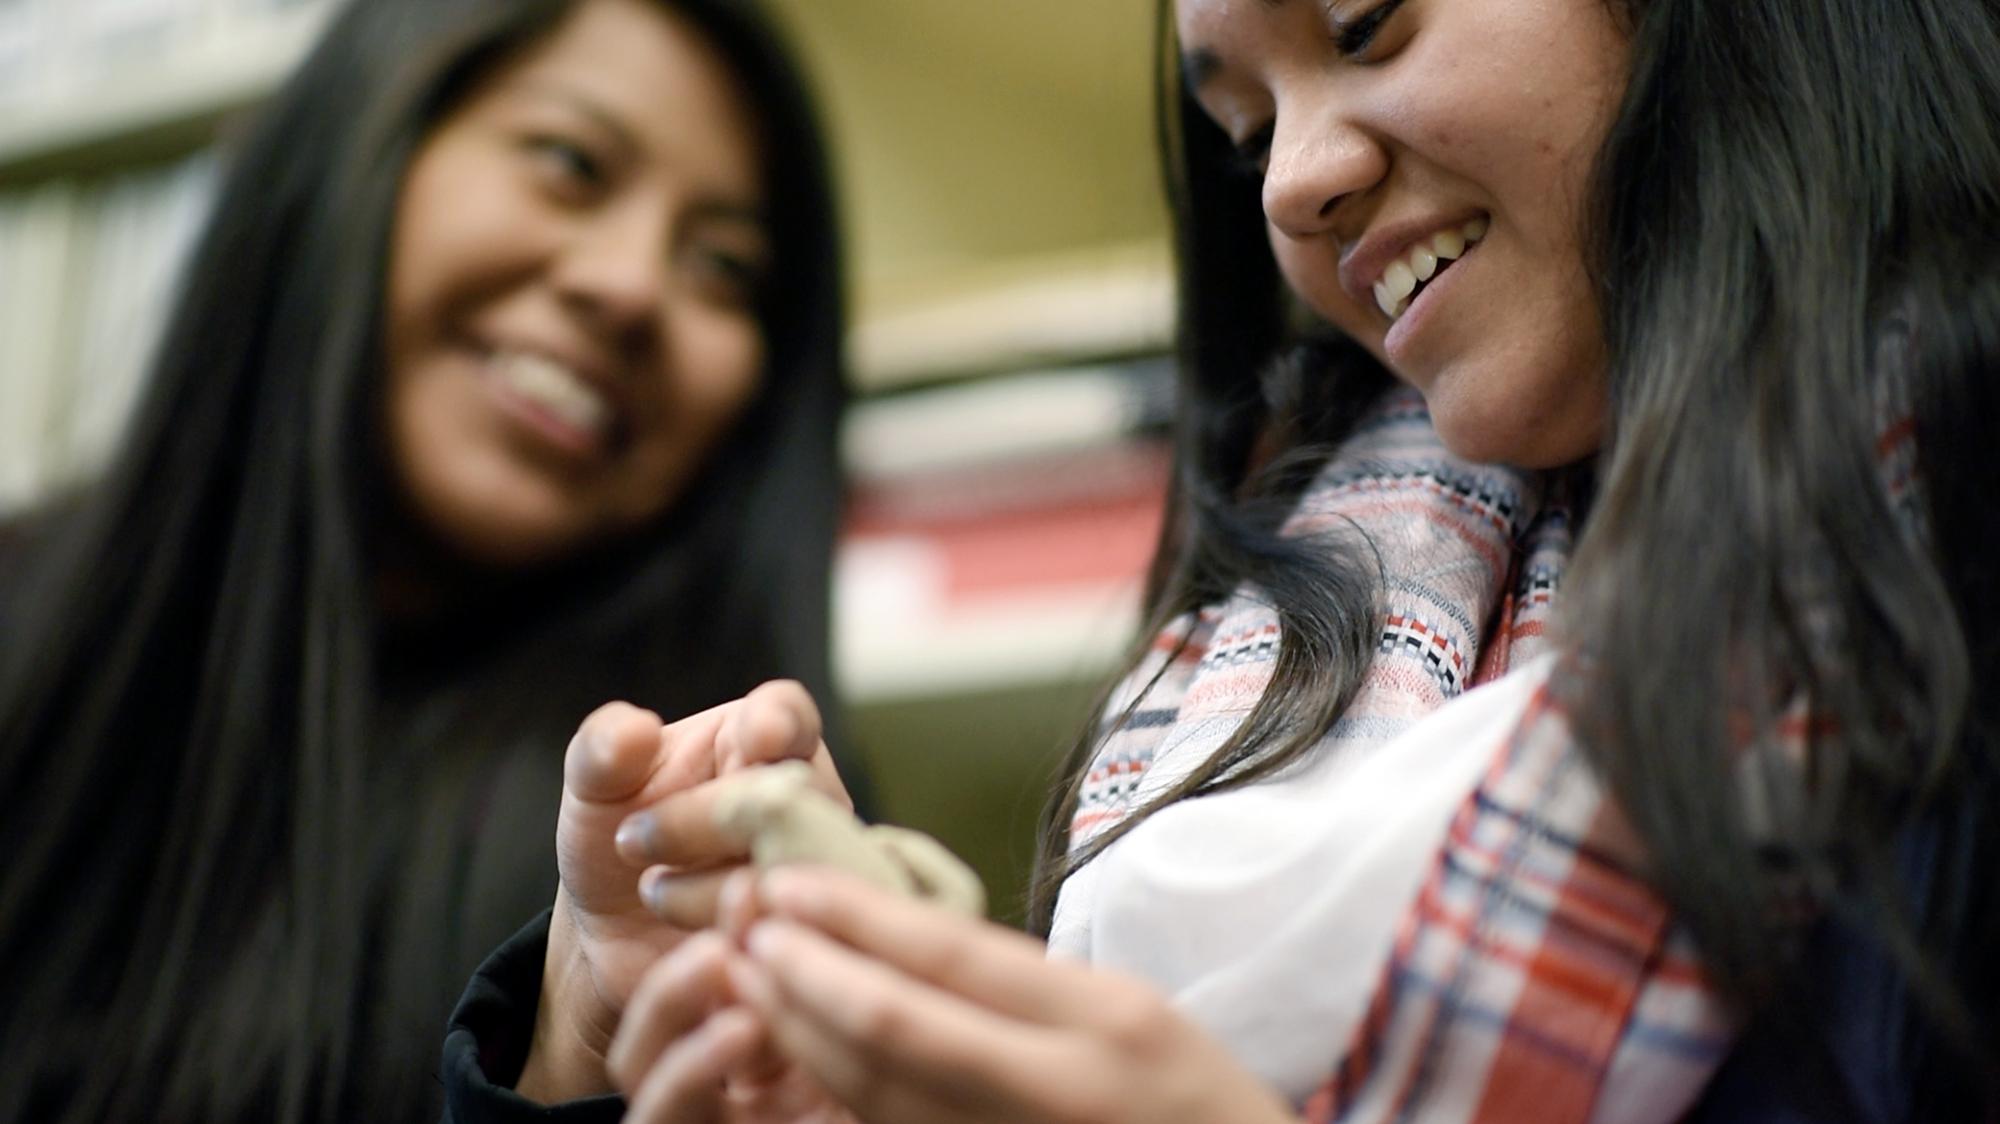 Two female U.N.C. students examine an artifact.